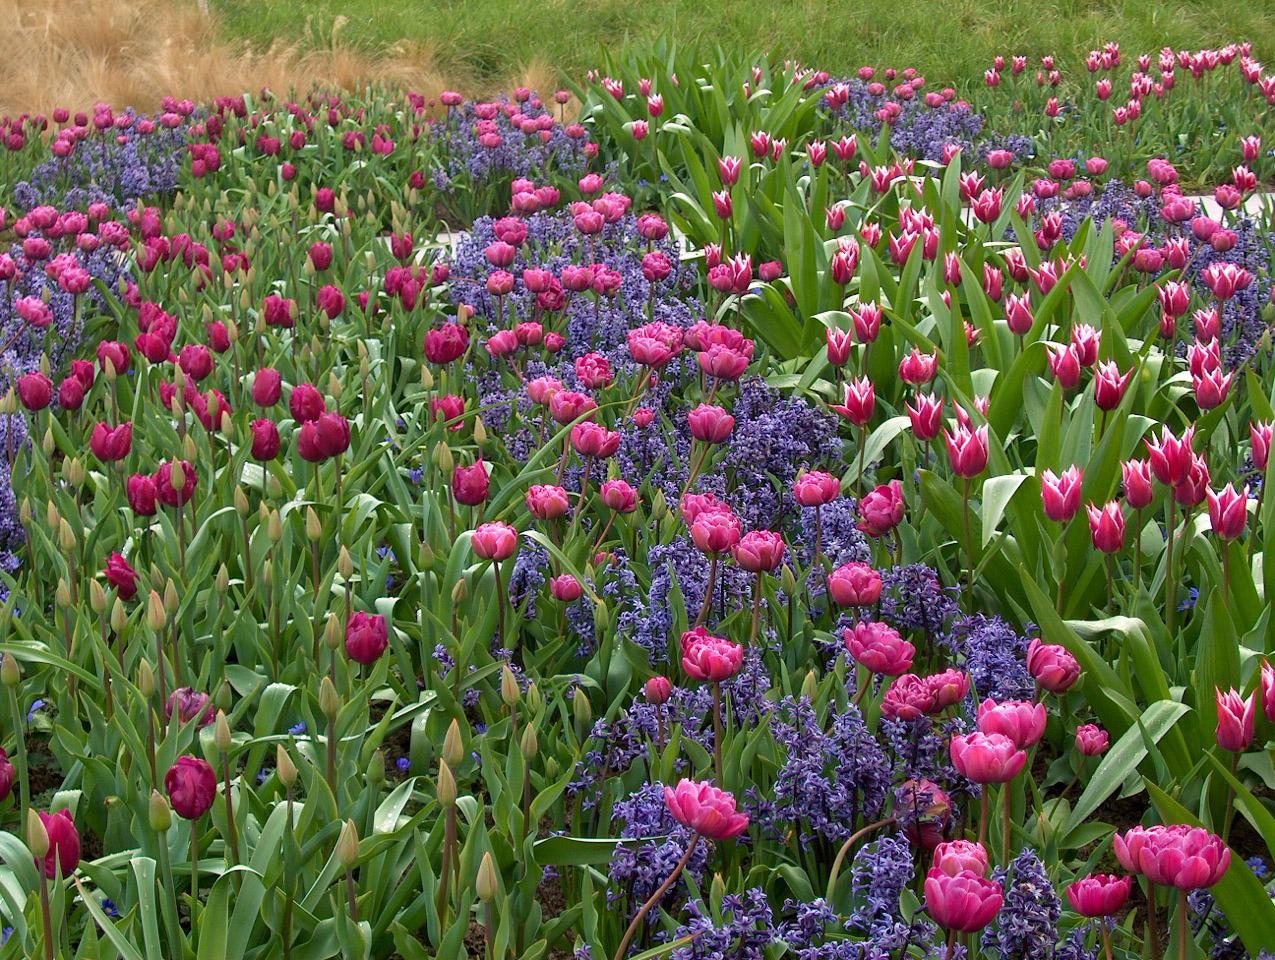 Villa pisani ospita il giardino dei tulipani for Fiori bulbi